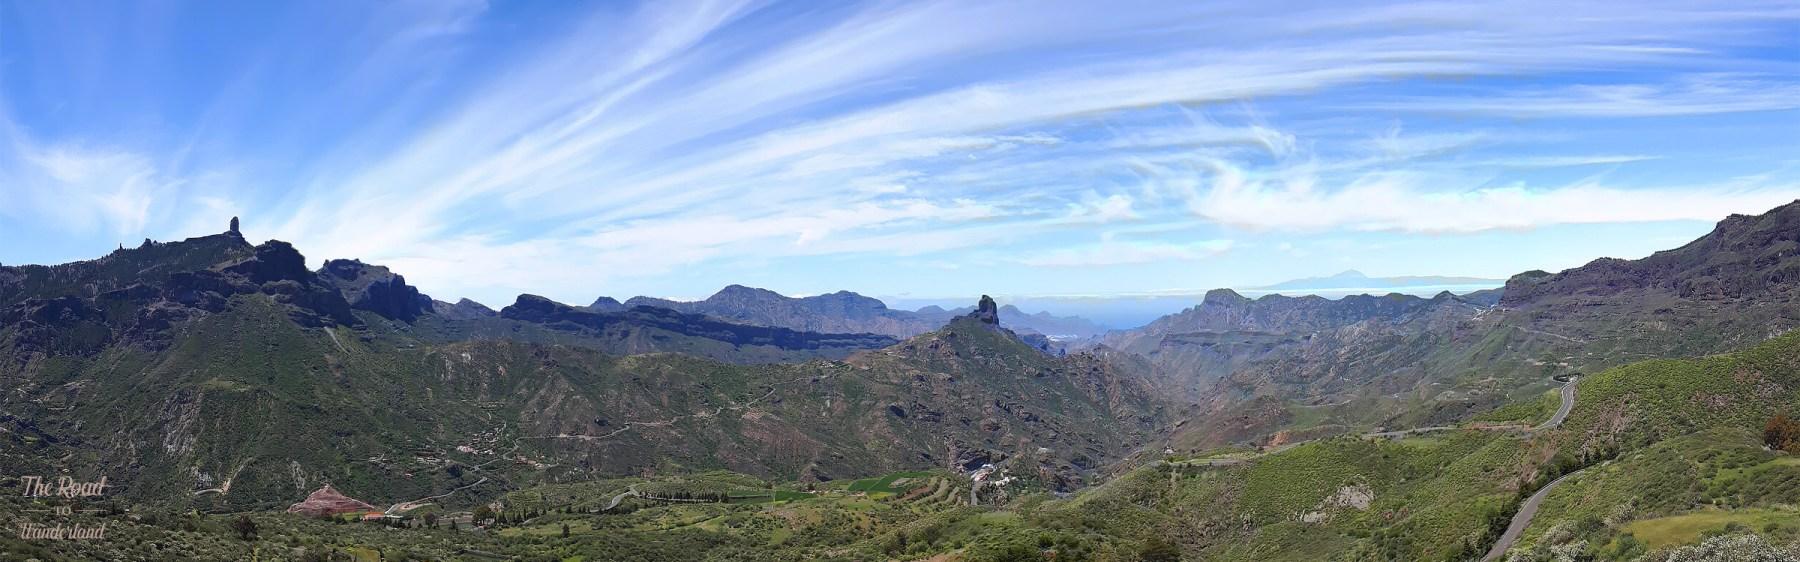 Roque Nublo & Roque Bentayga, the heart of Gran Canaria